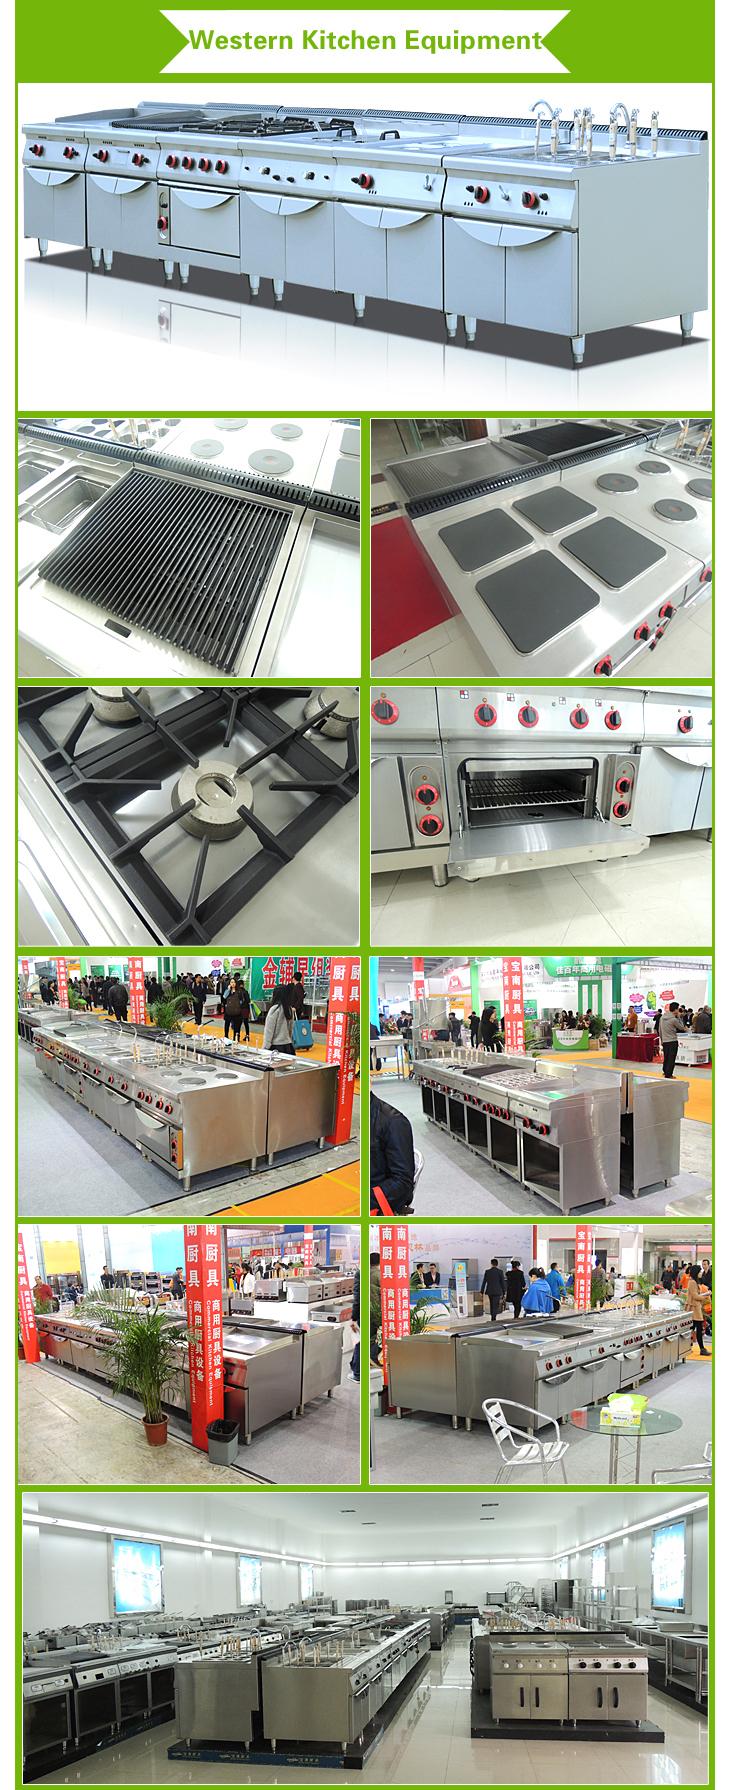 Sans fumée barbecue grilles machine barbecue Électrique pour restaurant maison jardin